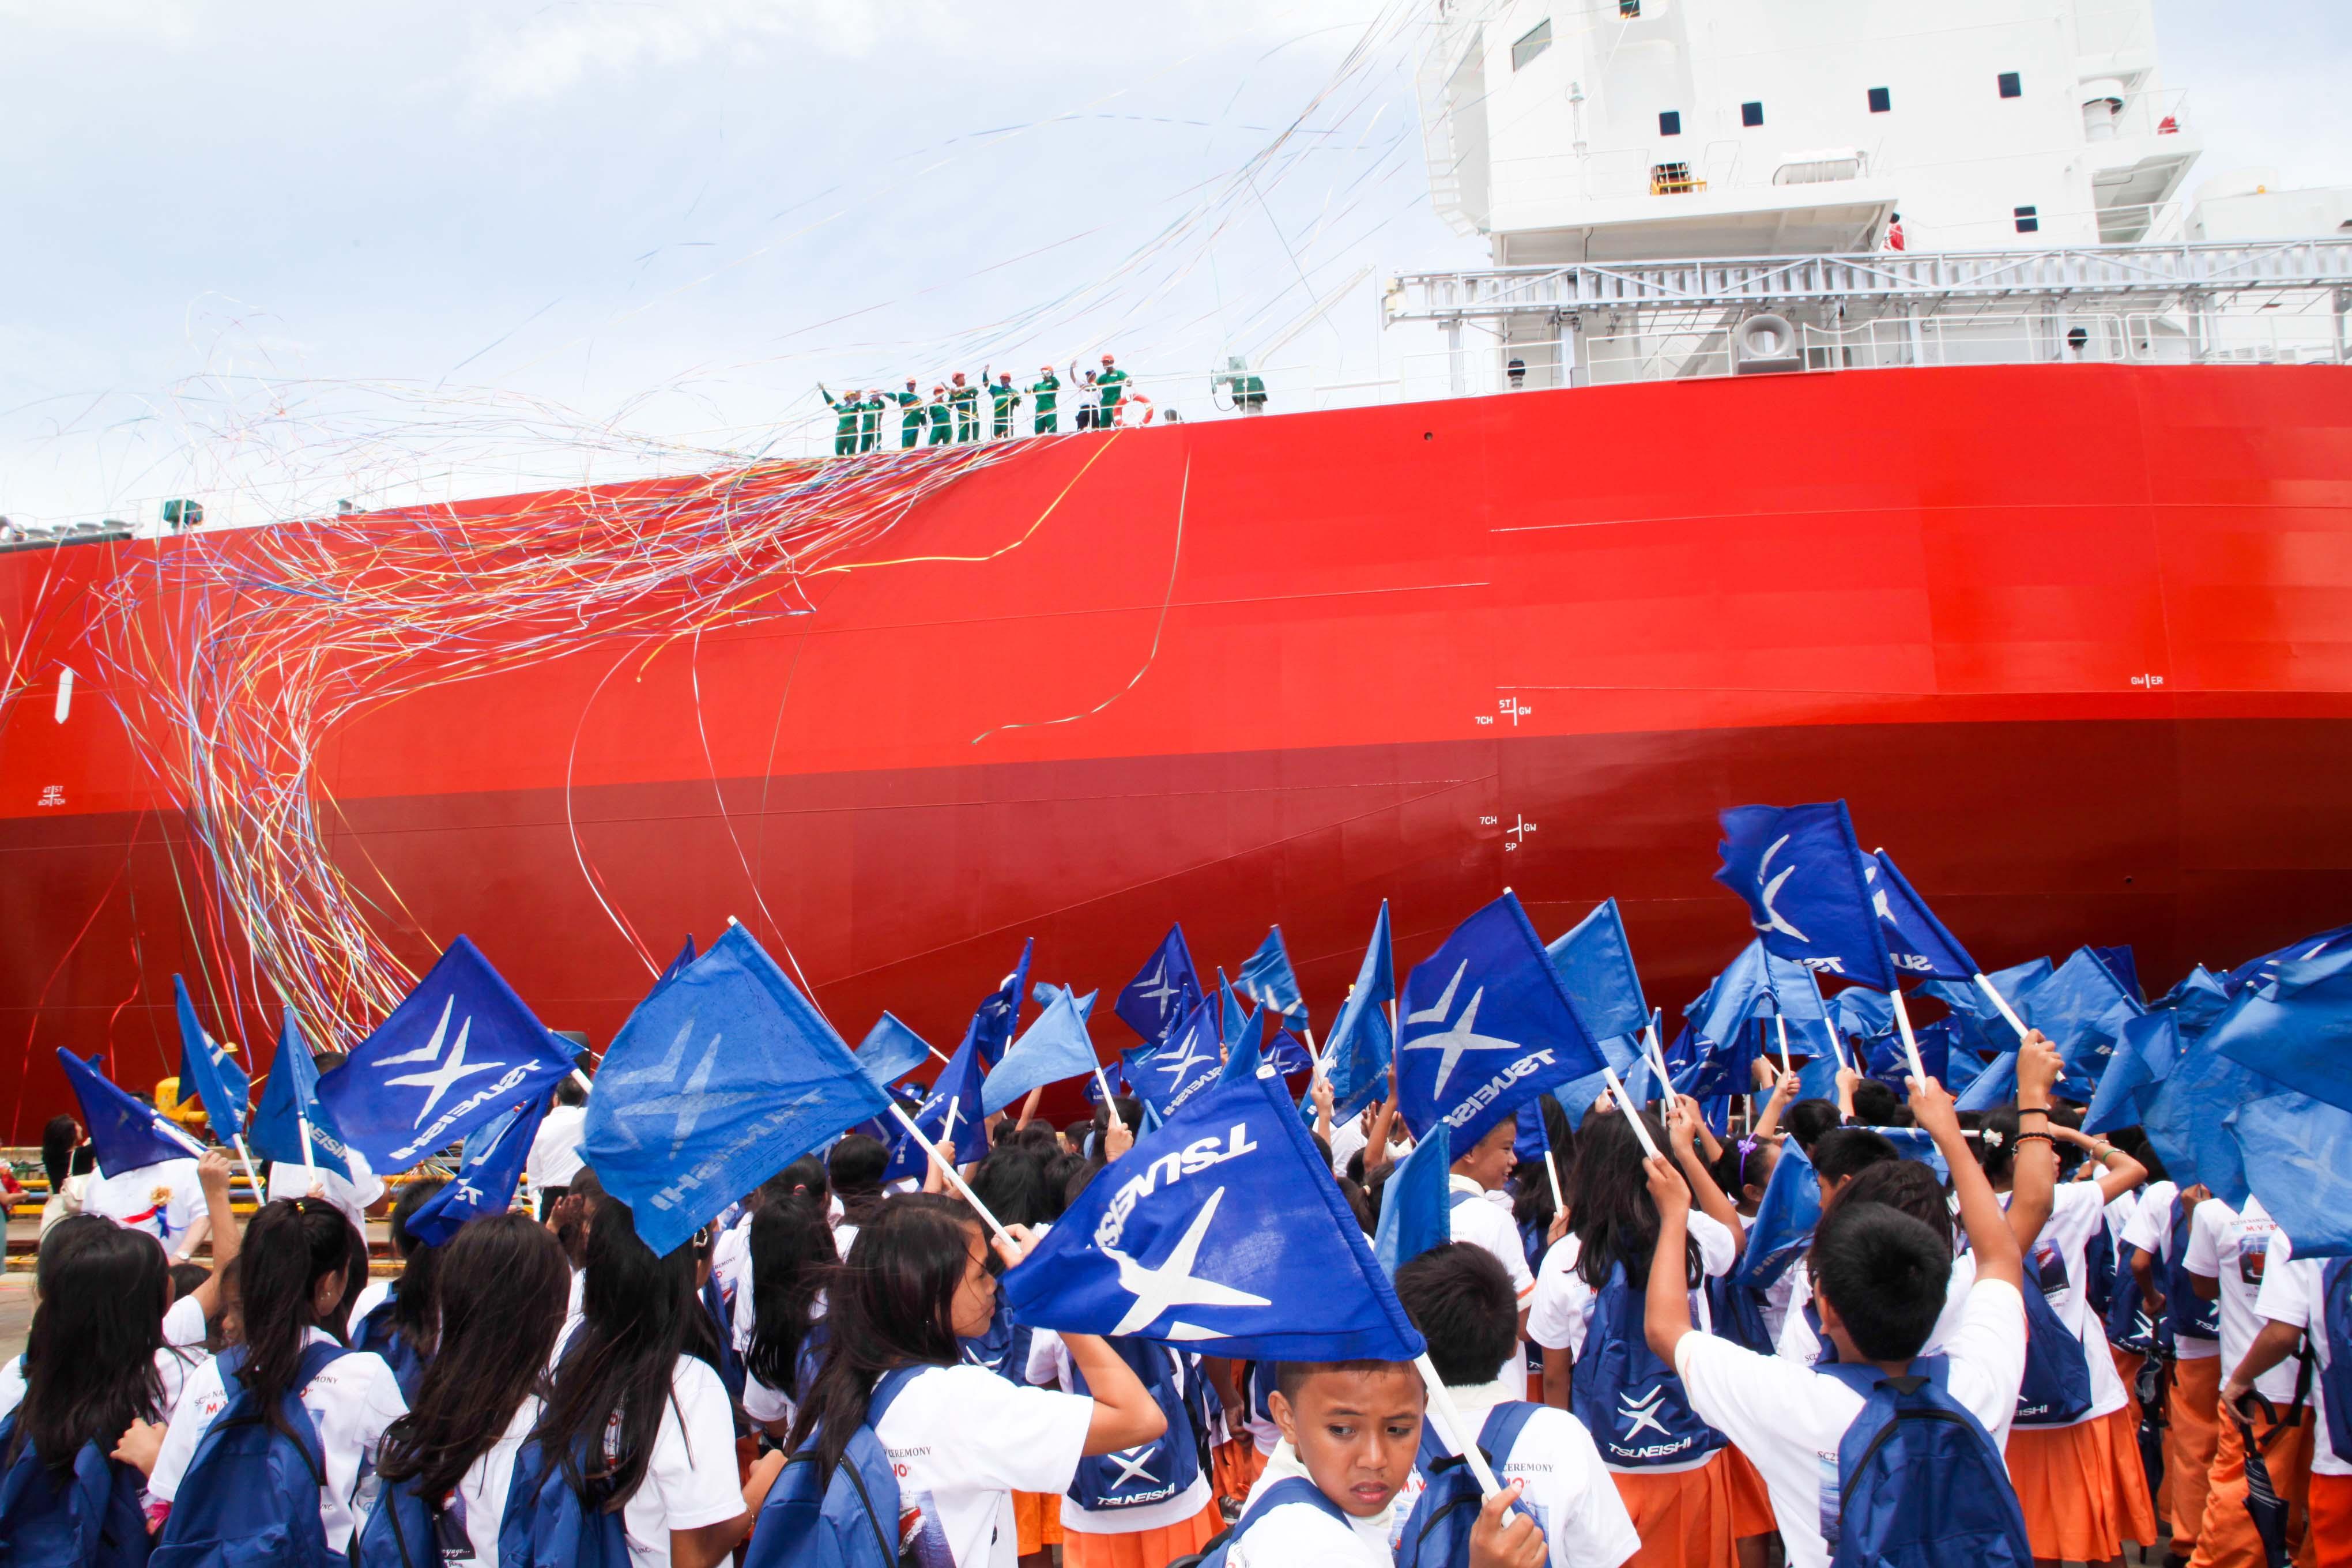 ツネイシ・ヘビー・インダストリーズ(セブ)~1隻目竣工から約18年で建造隻数200隻超えを達成~フィリピン造船業の成長に貢献